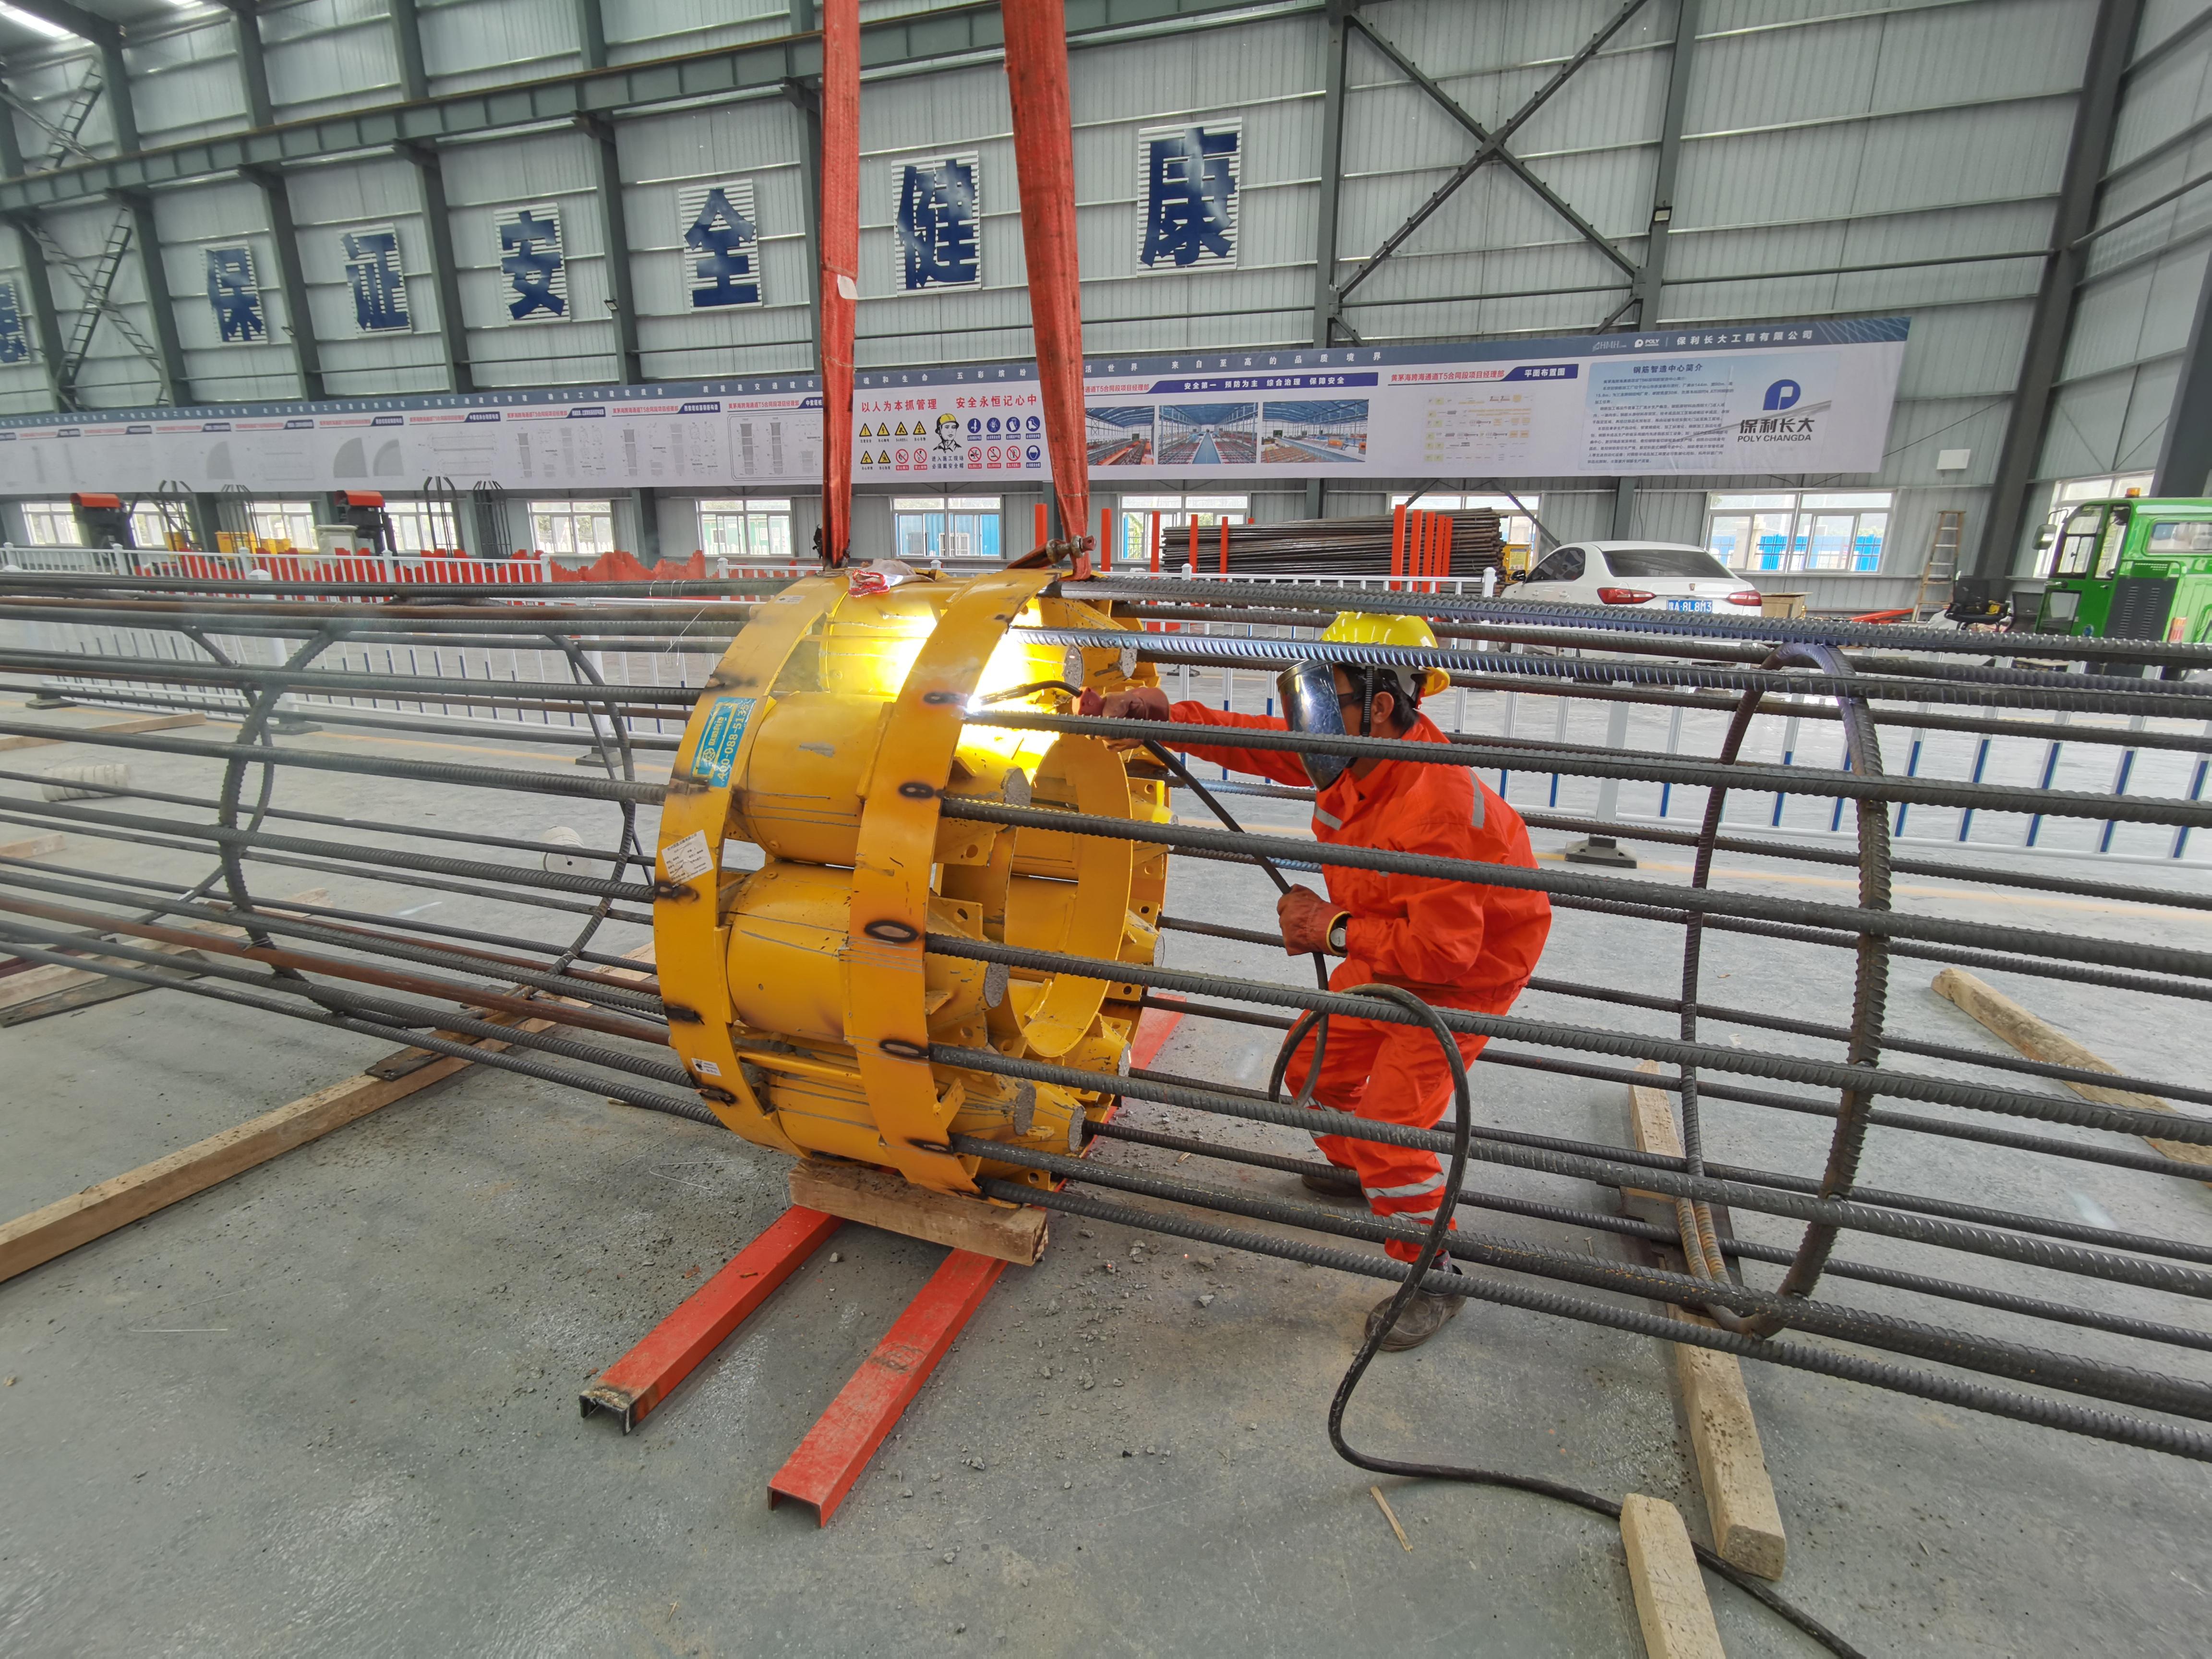 项目分享丨欧感荷载箱1.5米桩径7000吨位桥桩项目应用案例